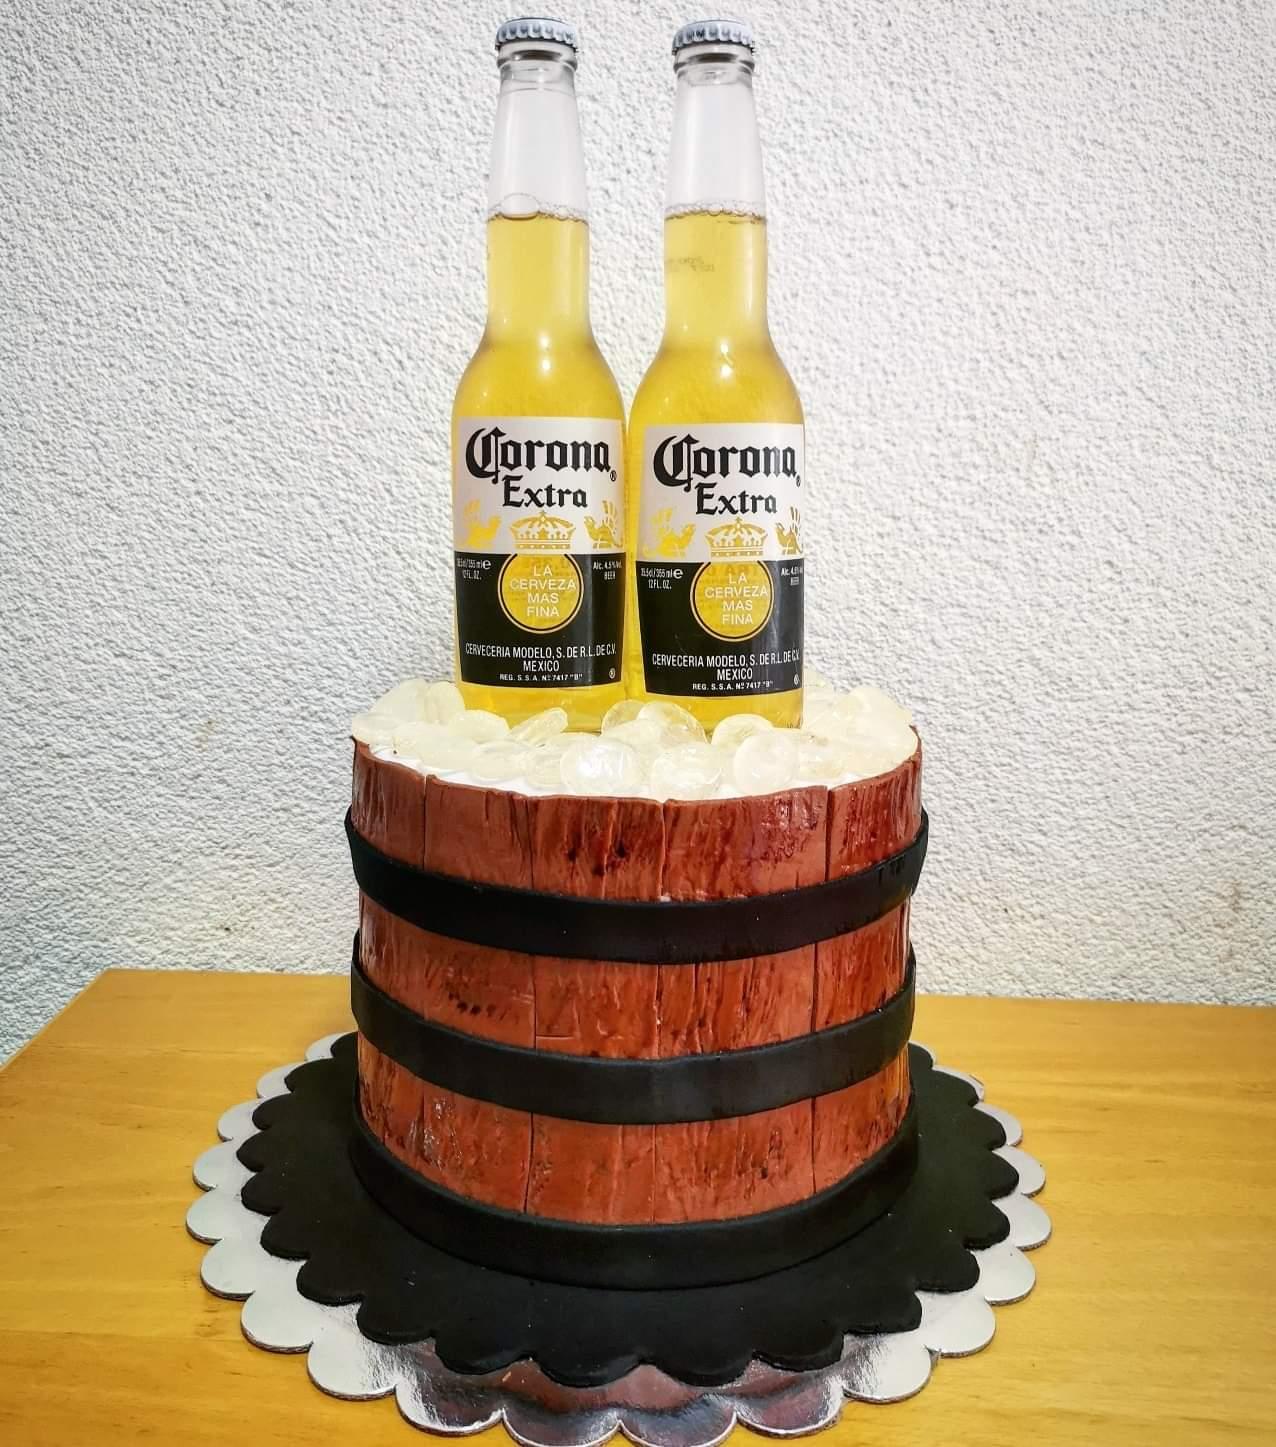 Битолска корона торта е хит торта за оваа сезона!